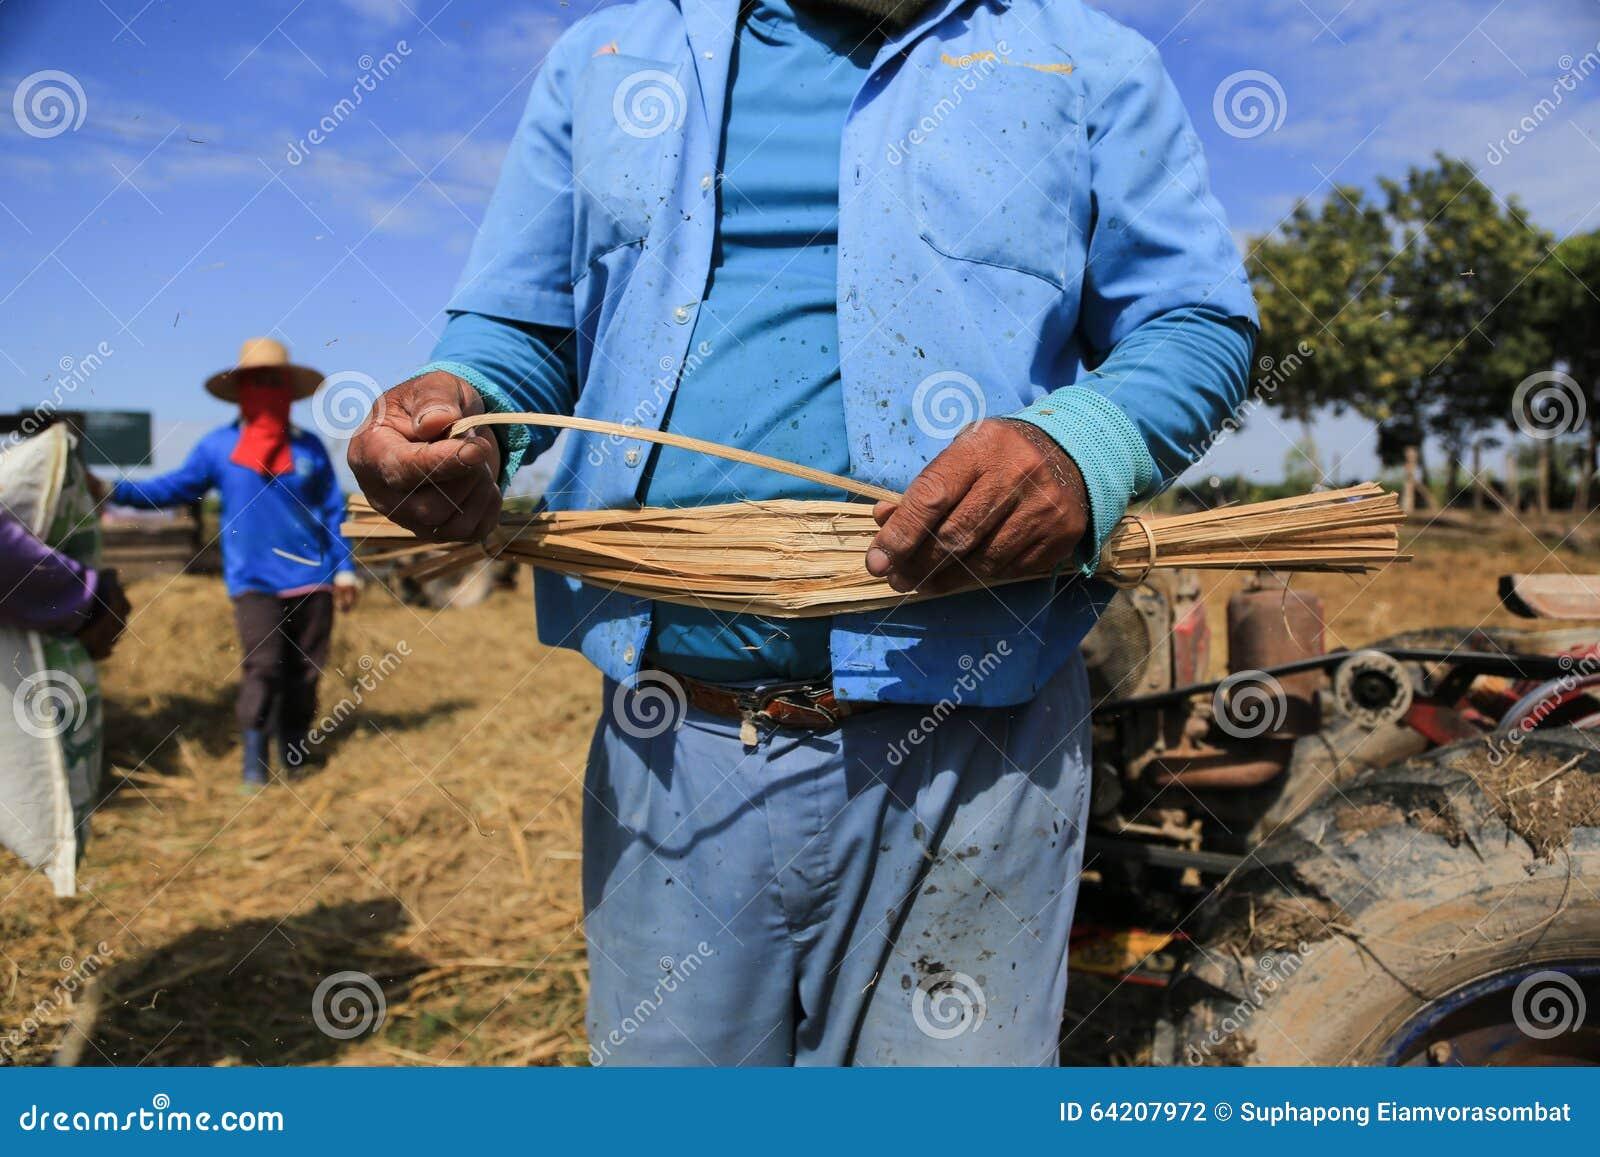 BUENG KAN, TAILANDIA - 8 DE DICIEMBRE: Cosecha tradicional del arroz de Tailandia